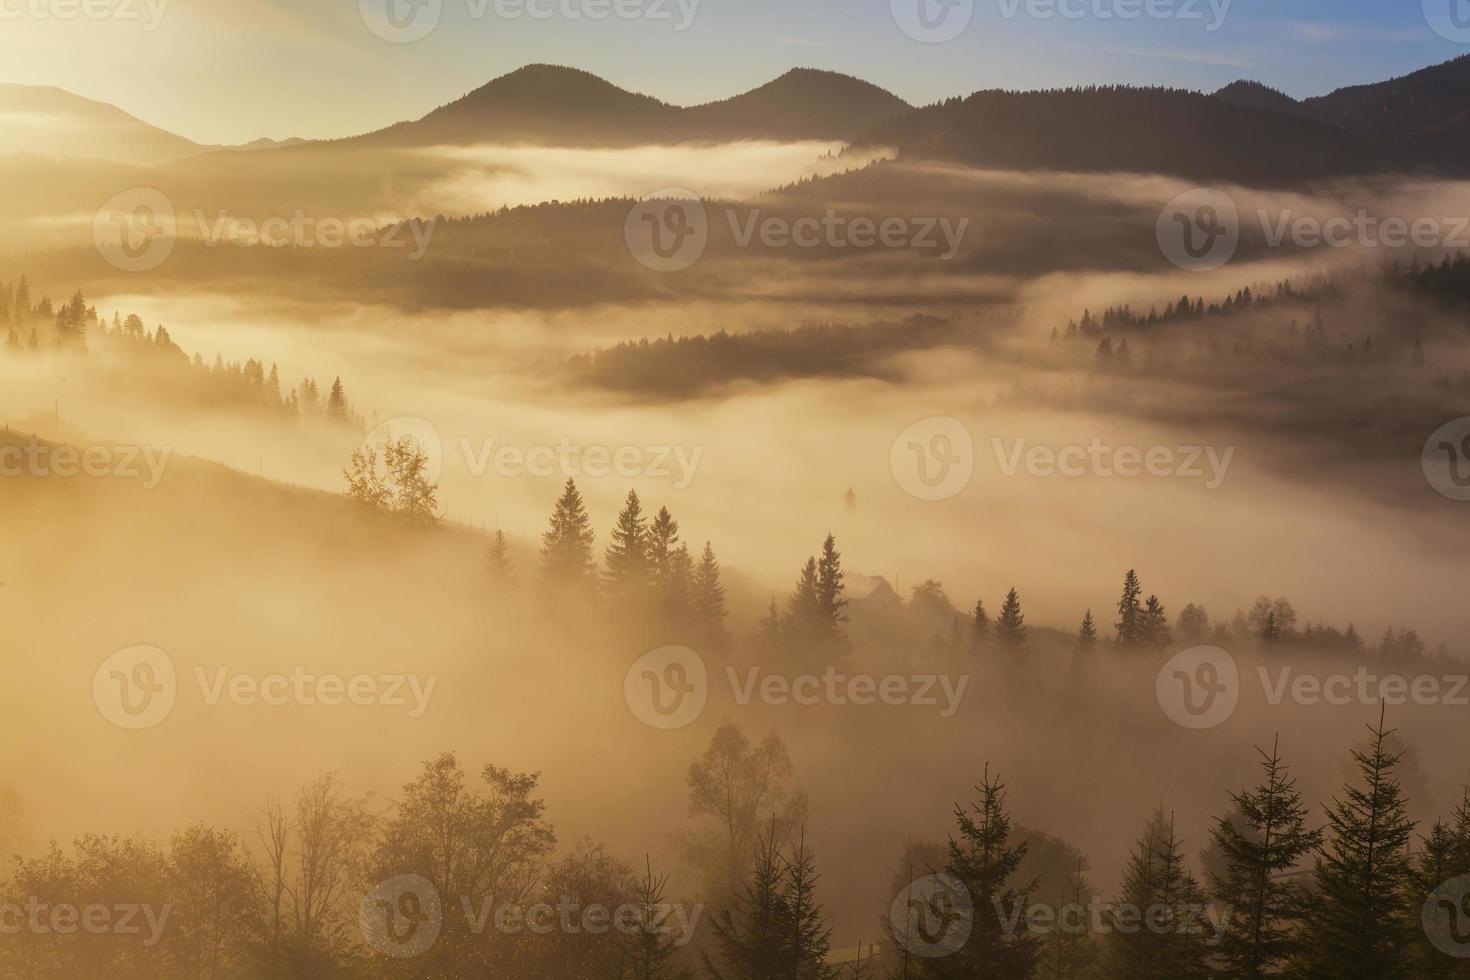 incrível paisagem montanhosa com denso nevoeiro. foto